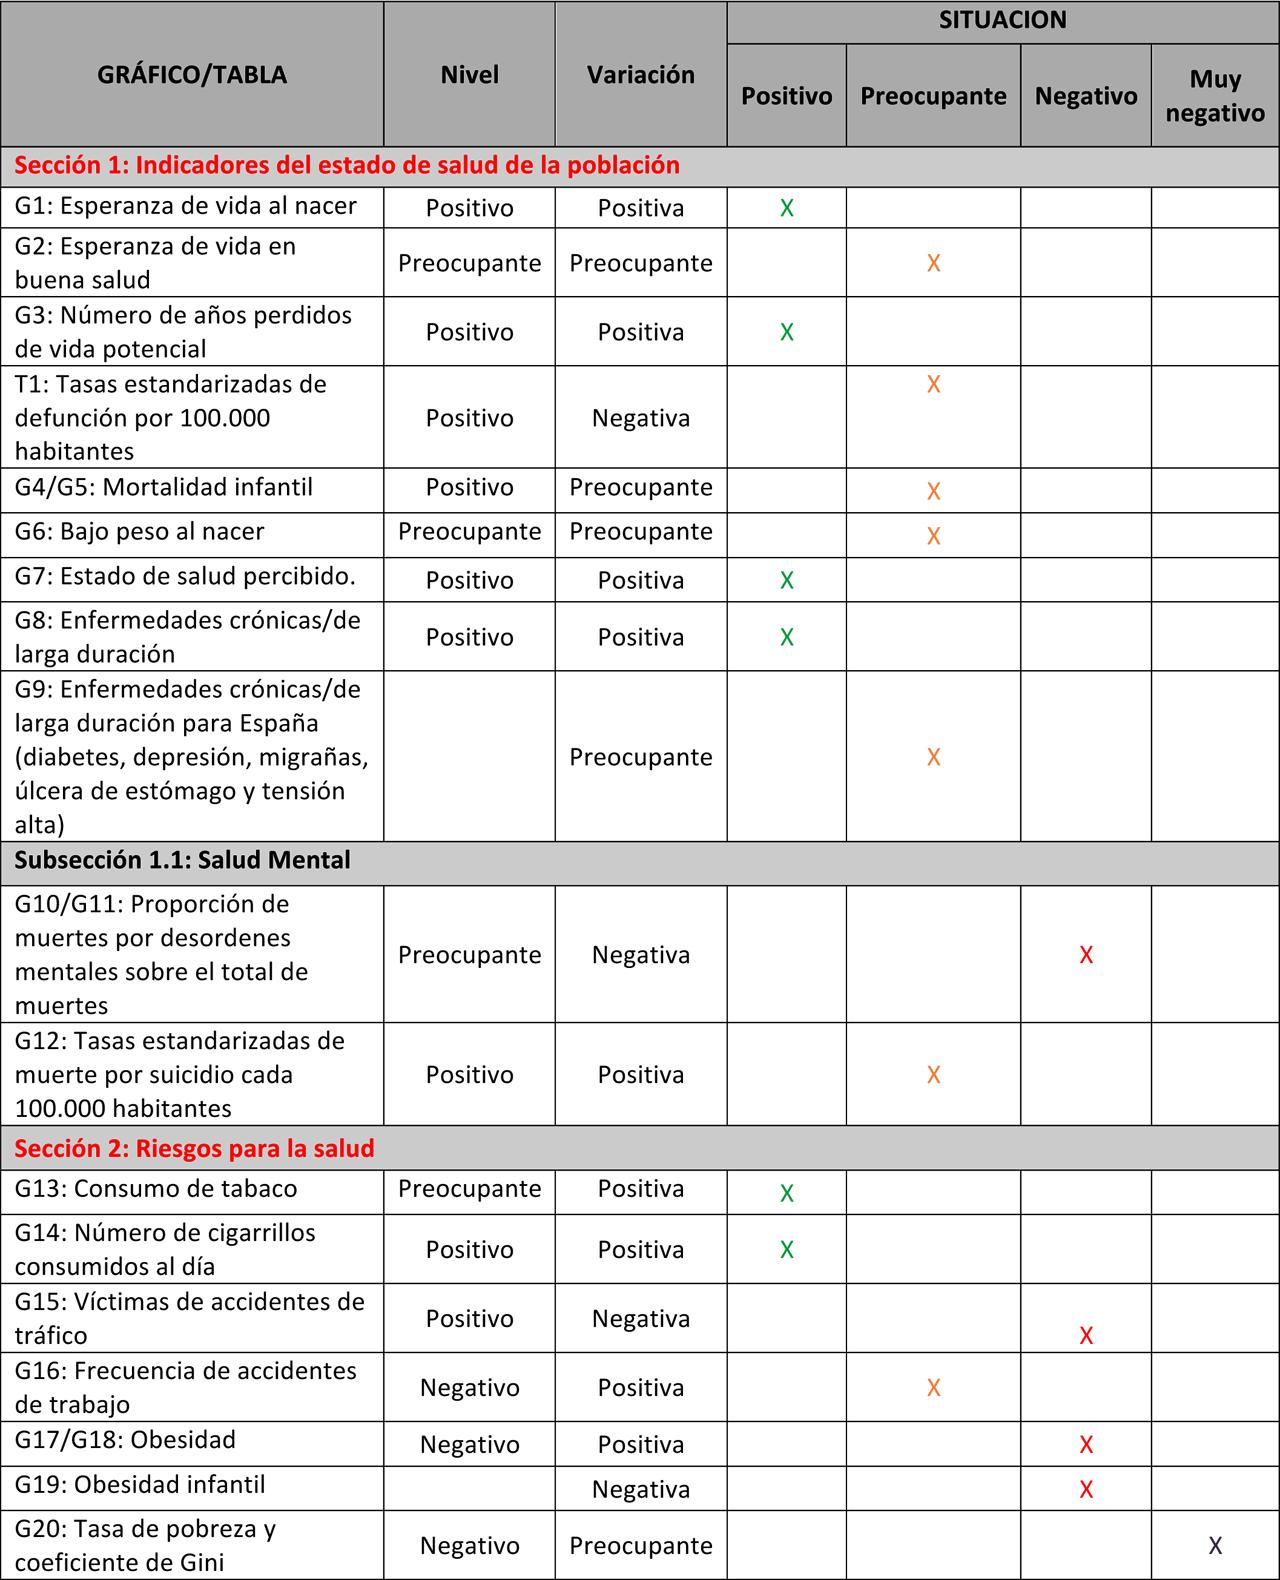 Indicadores sanitarios en España según el observatorio de Fedea